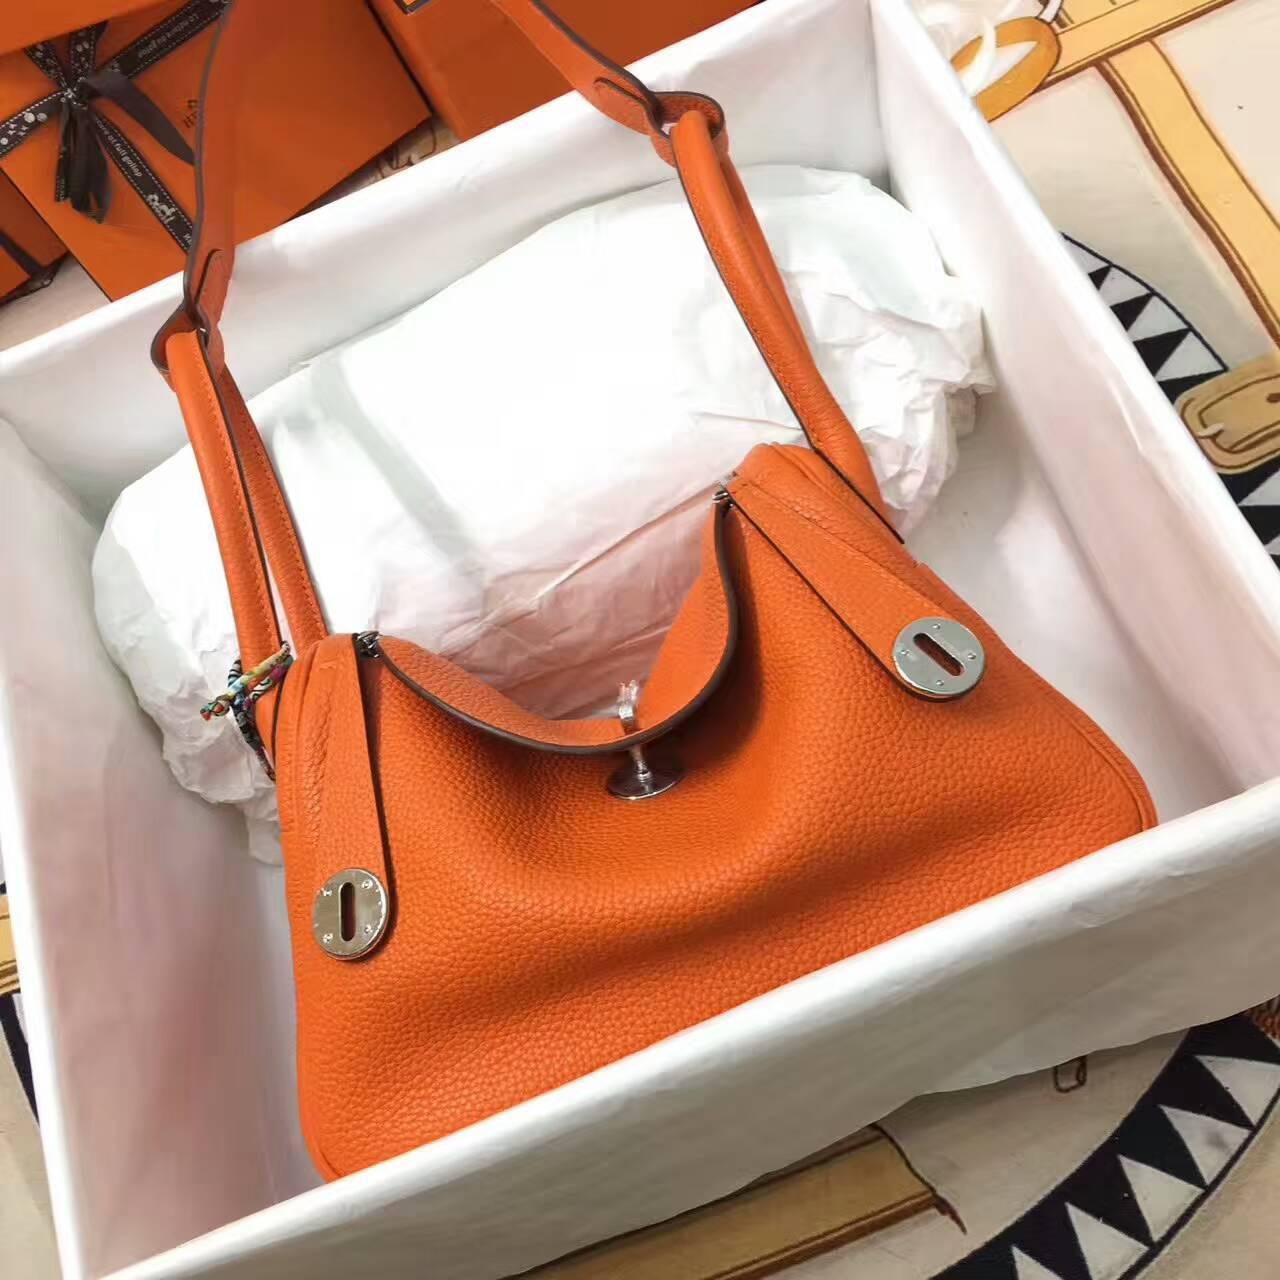 爱马仕Lindy包包 26cm Clemence 法国原产Togo大牛皮 橙色 银扣